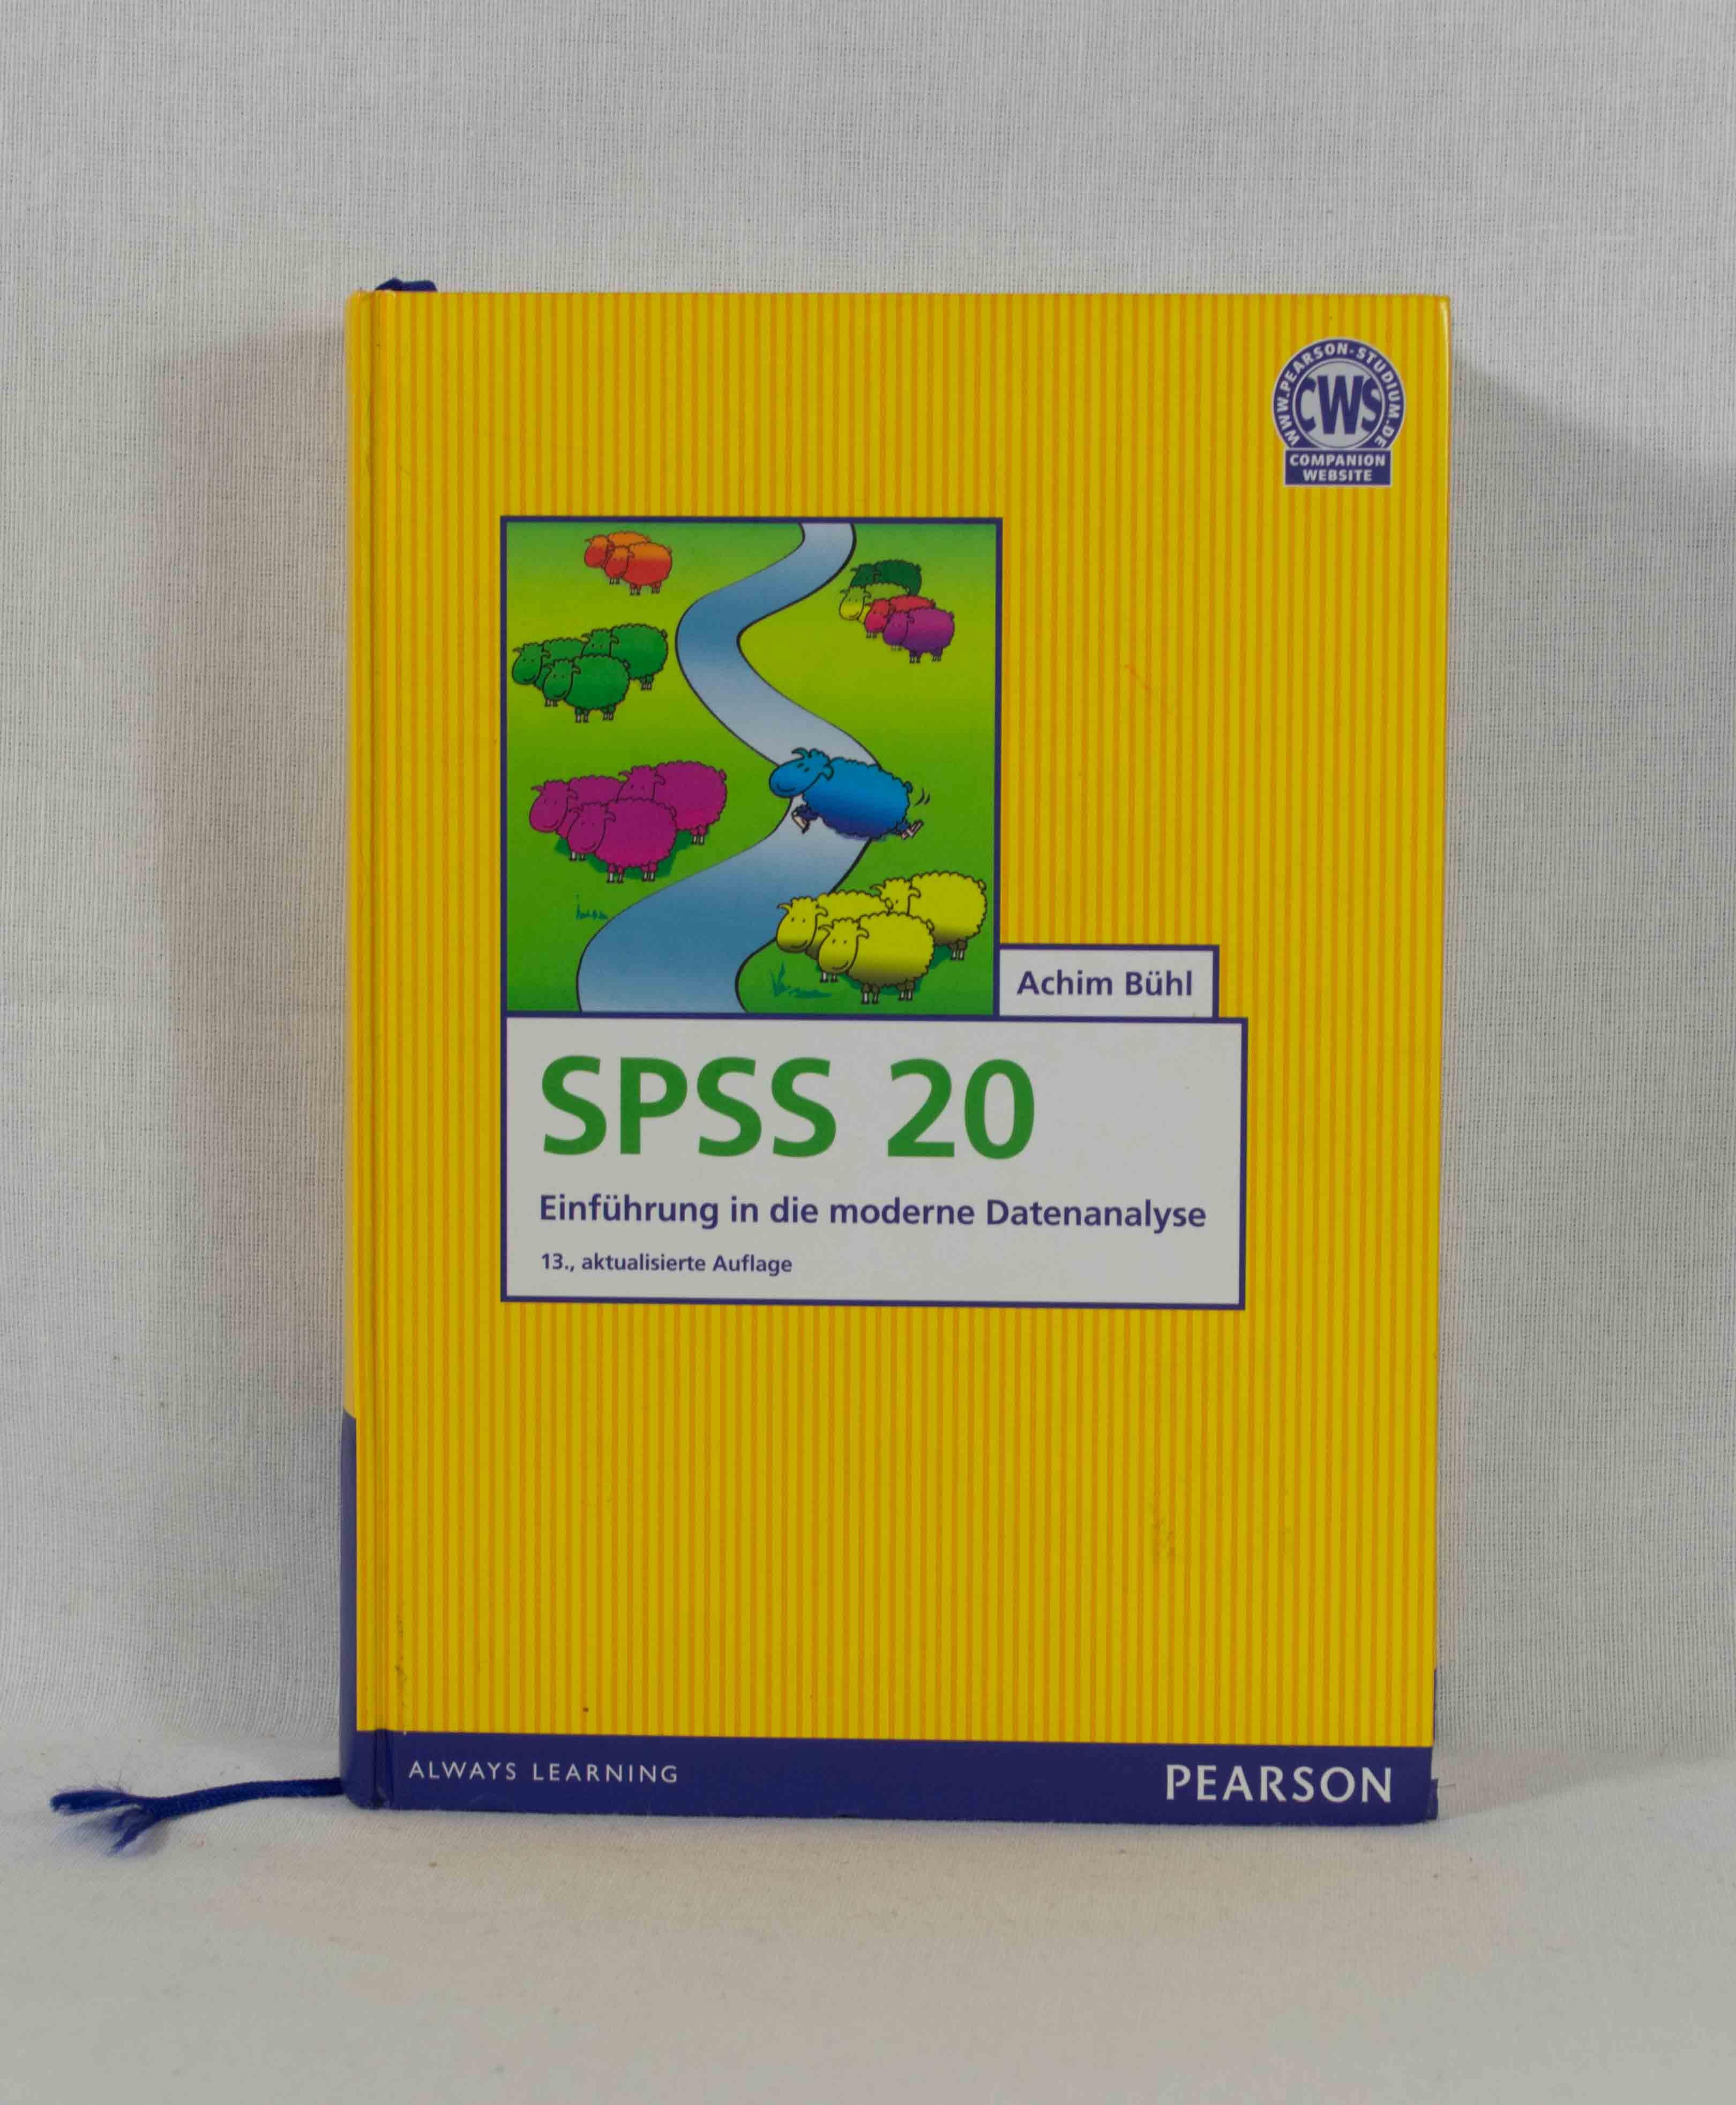 SPSS 20: Einführung in die moderne Datenanalyse. (= Always Learning). 13., aktualisierte Aufl.